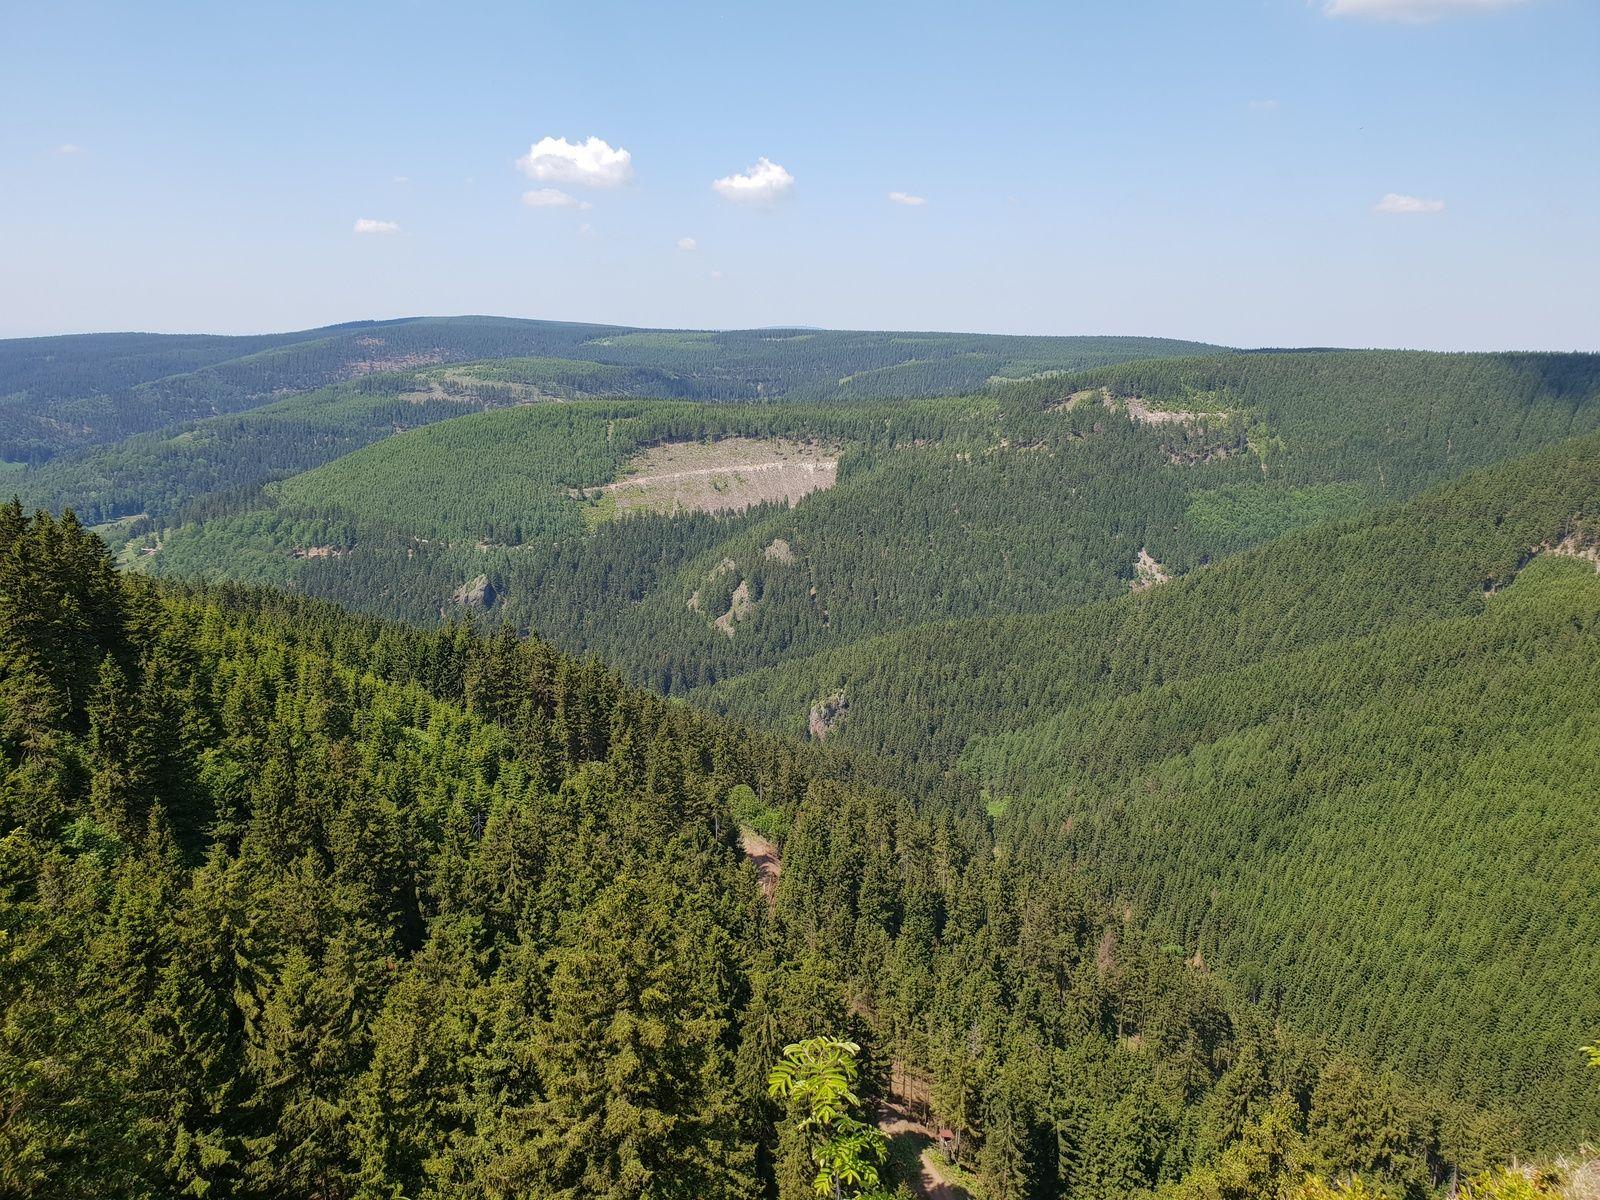 Zur hohen M�st - Blick auf das Tal